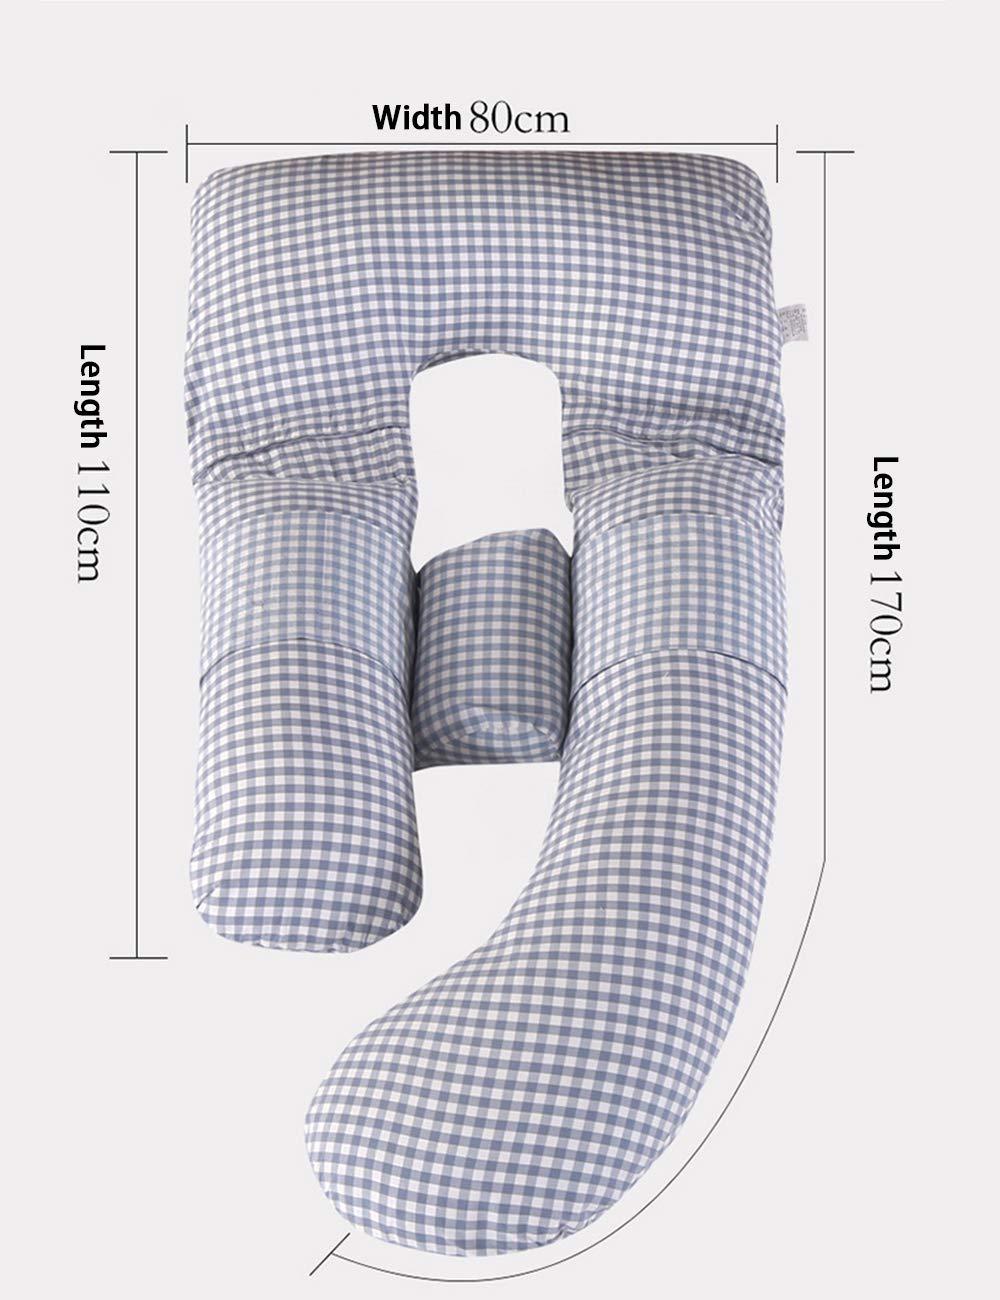 Coussins de maternit/é et Corps besbomig Oreiller de Grossesse en Forme de U Oreiller de Corps avec la Couverture rempla/çable et Lavable